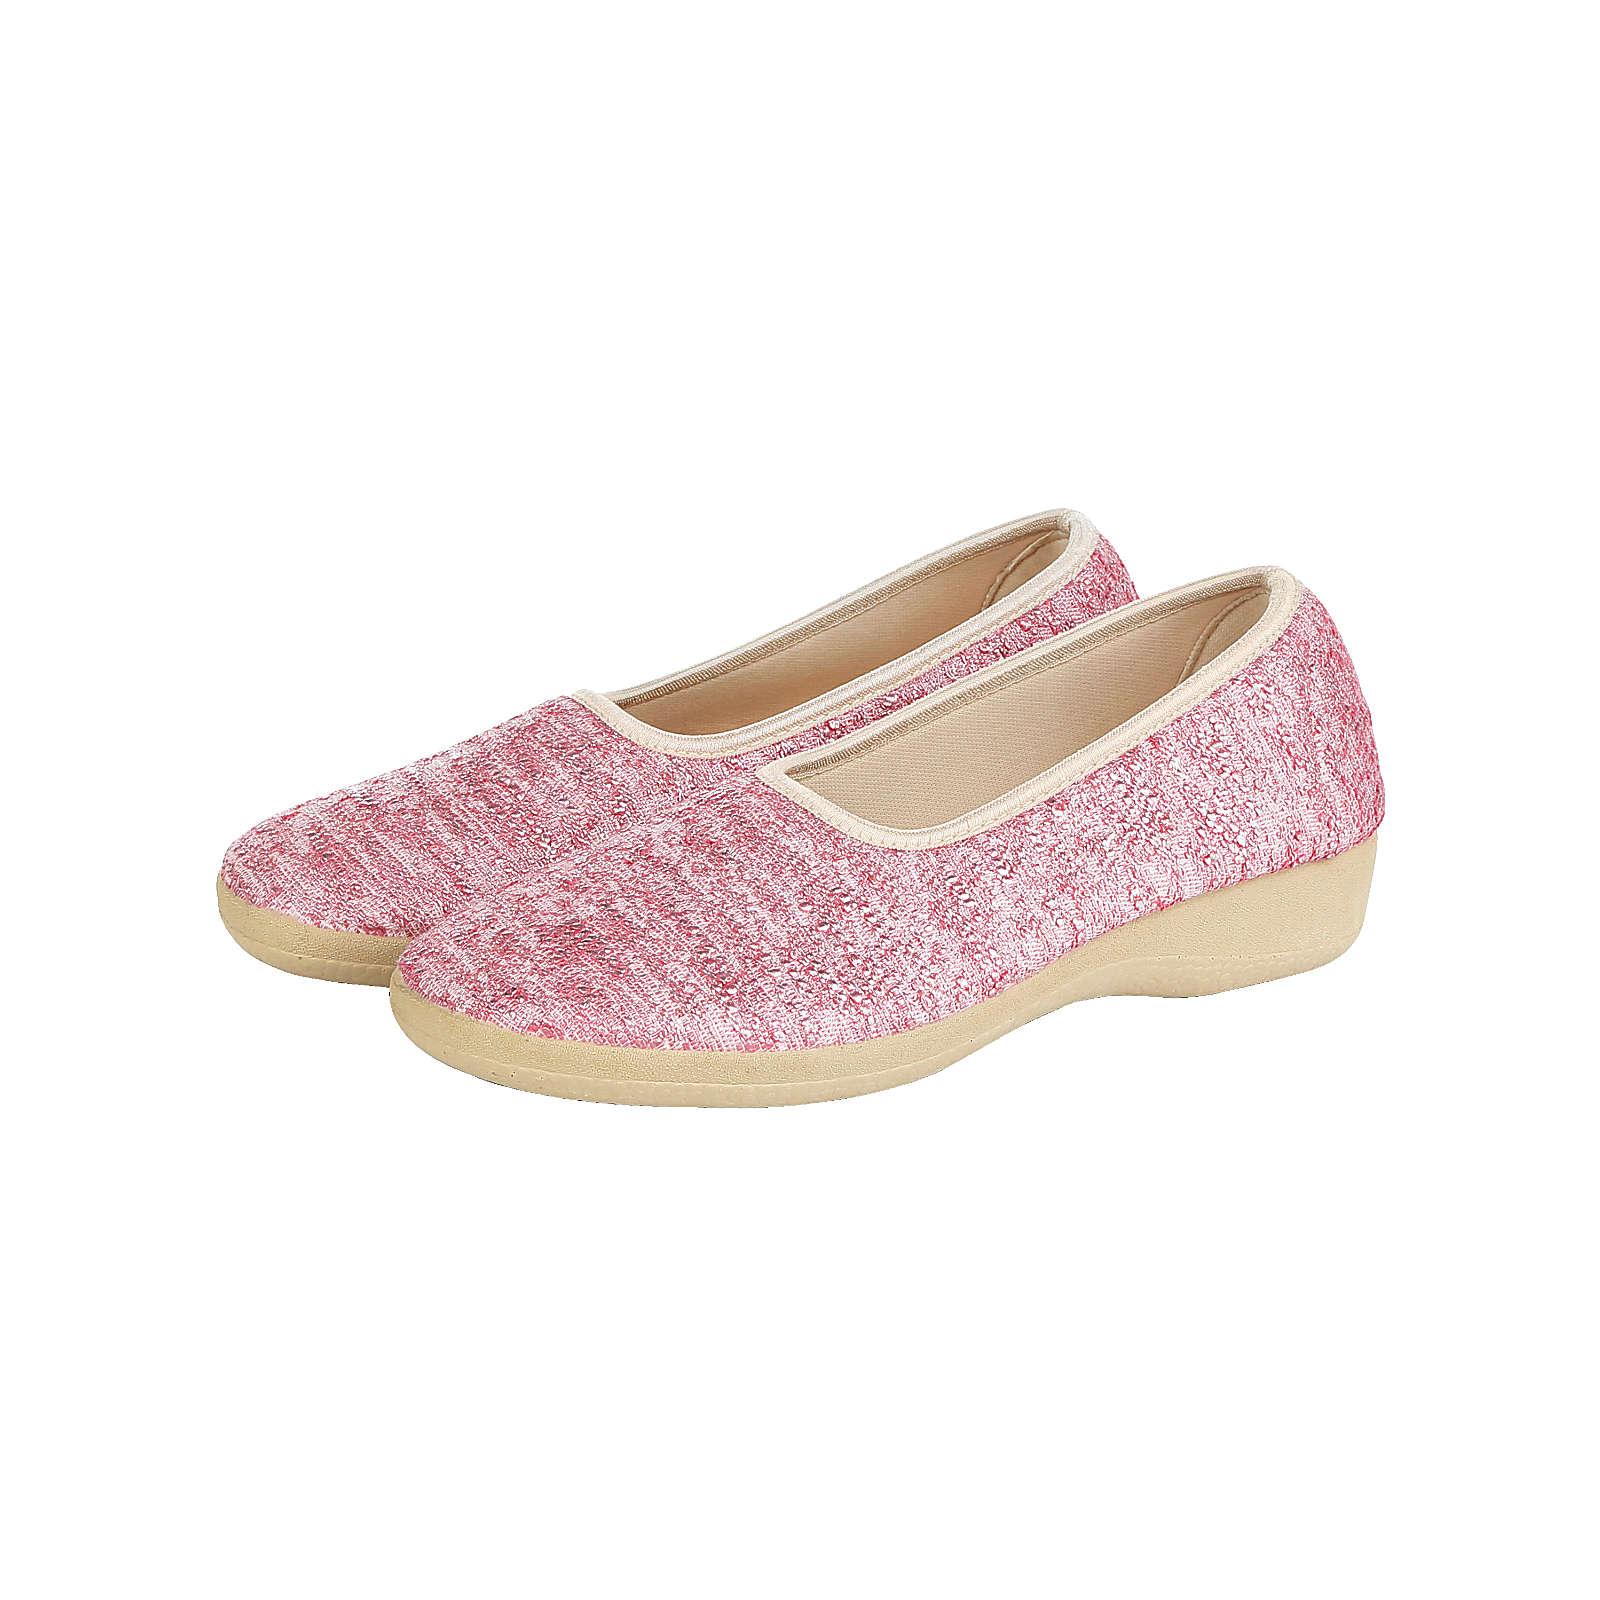 Naturläufer Komfort-Ballerinas rosa Damen Gr. 36